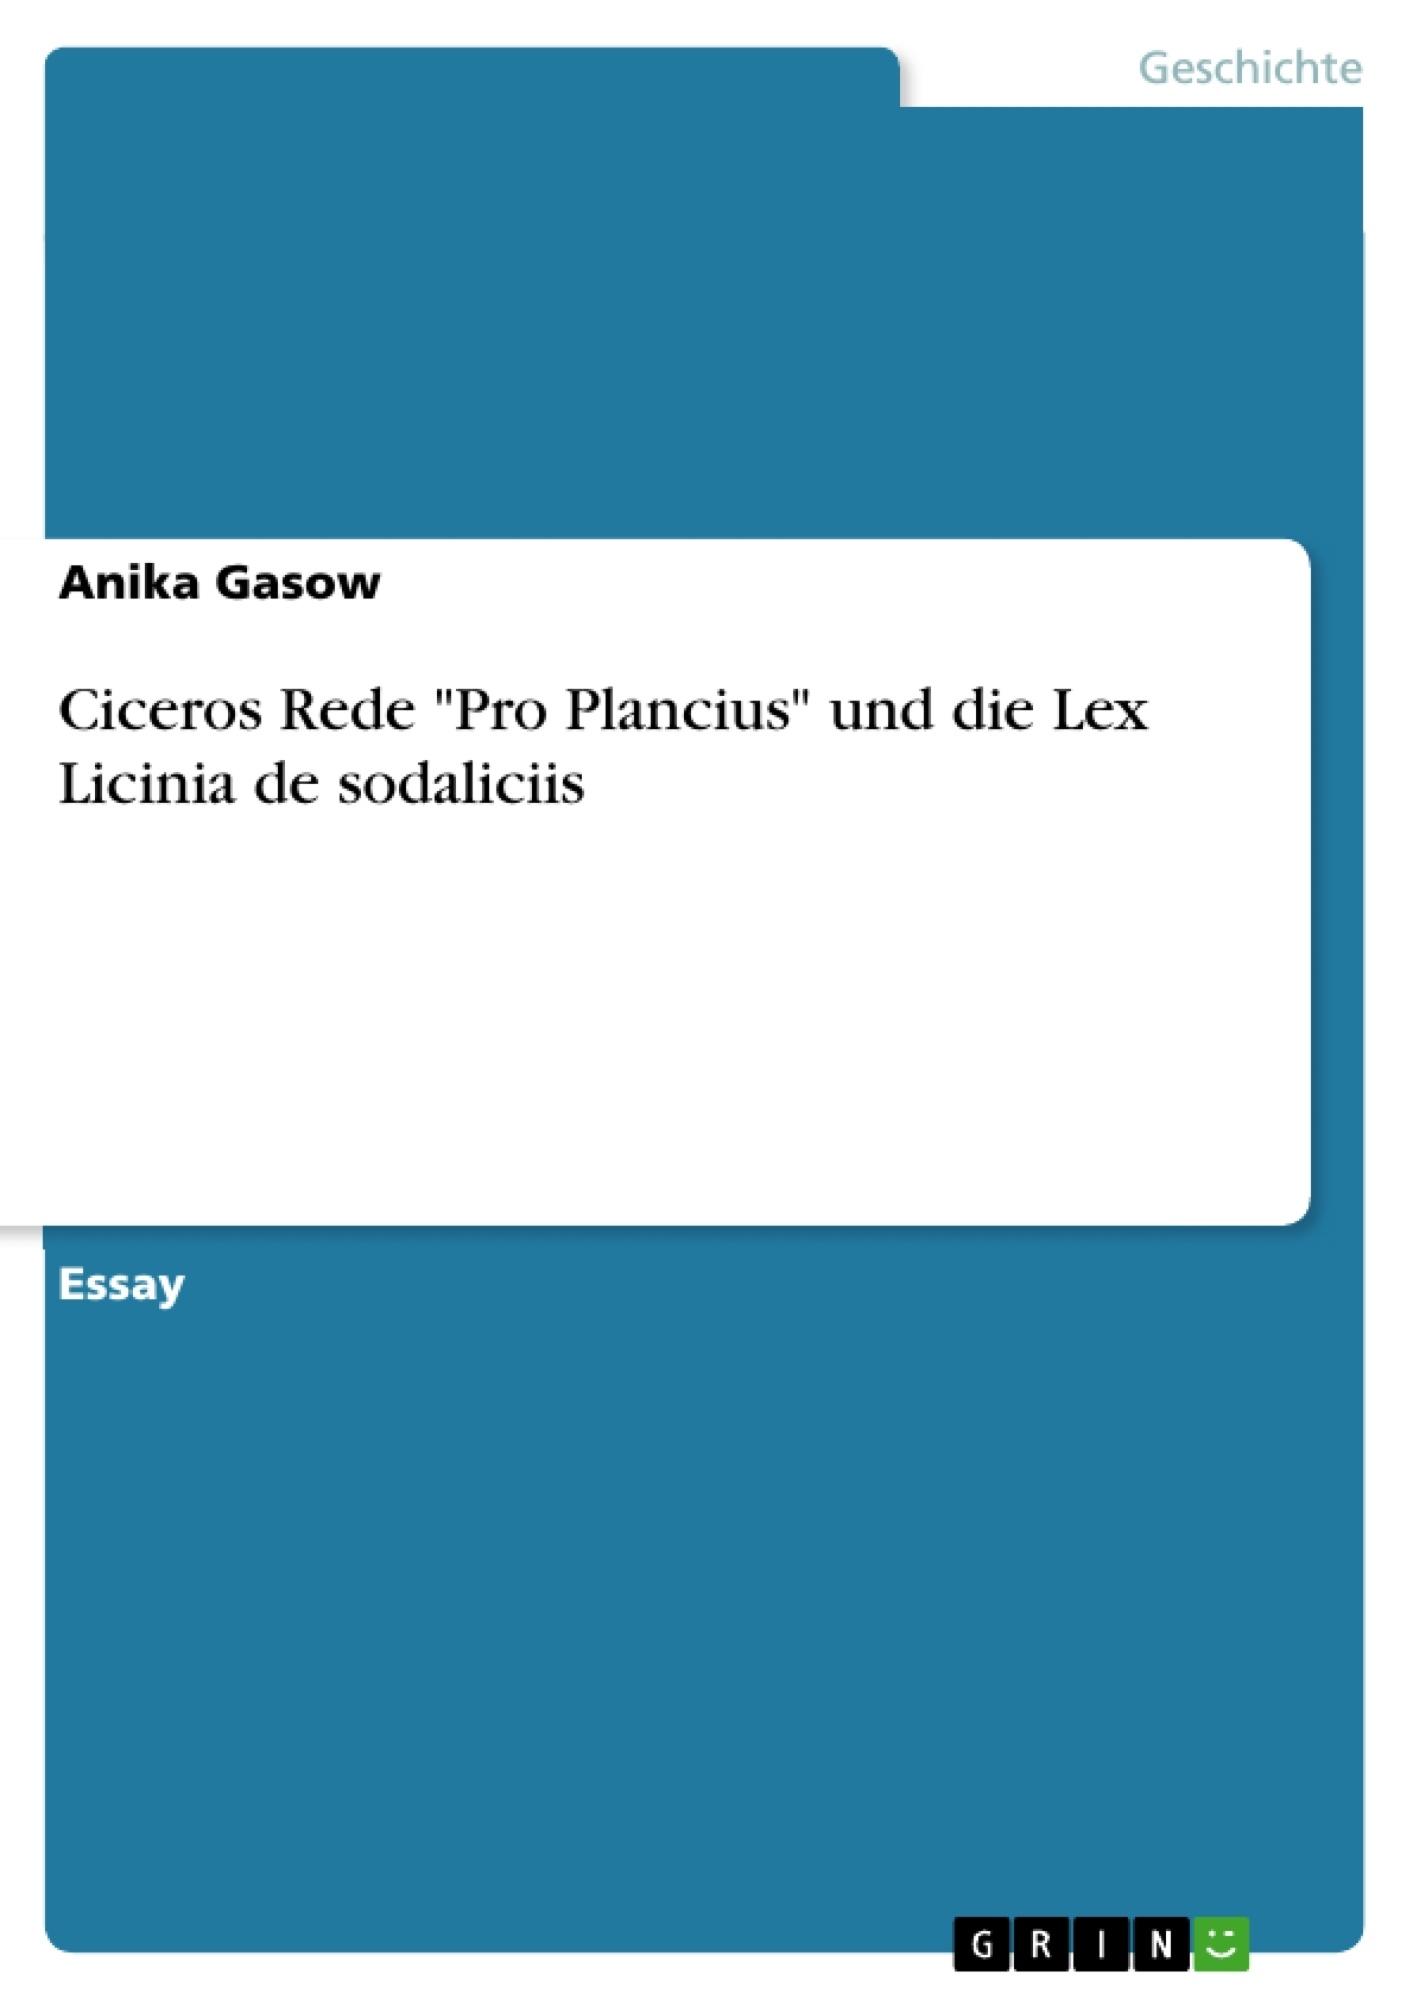 """Titel: Ciceros Rede """"Pro Plancius"""" und die Lex Licinia de sodaliciis"""